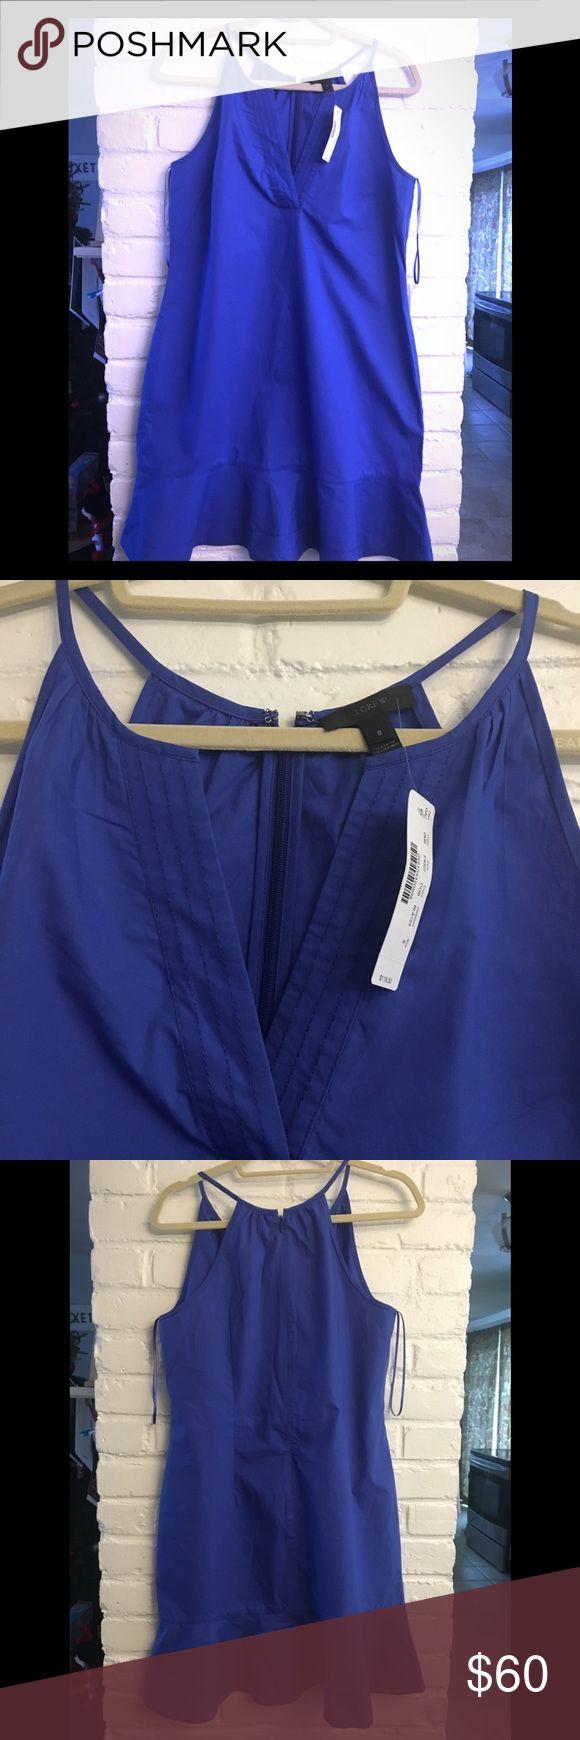 J. Crew Women's Flutter-hem Dress Cobalt Blue Sundress, Size 8 J. Crew Dresses